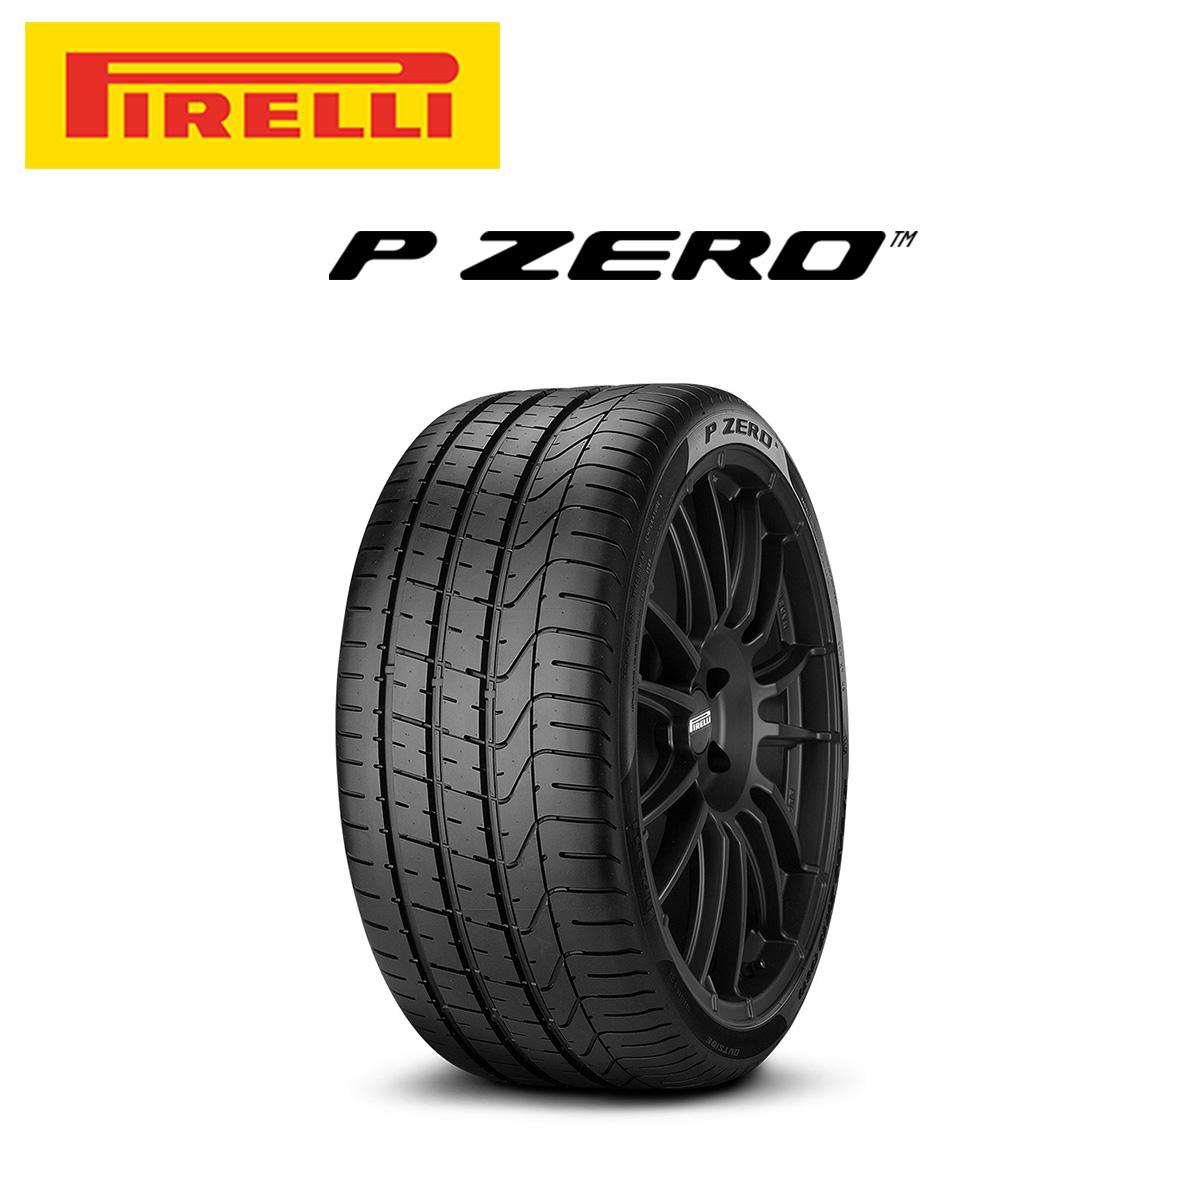 ピレリ PIRELLI P ZERO ピーゼロ 19インチ サマー タイヤ 4本 セット 275/35R19 96Y r-f ★:BMW MINI承認タイヤ 1921100